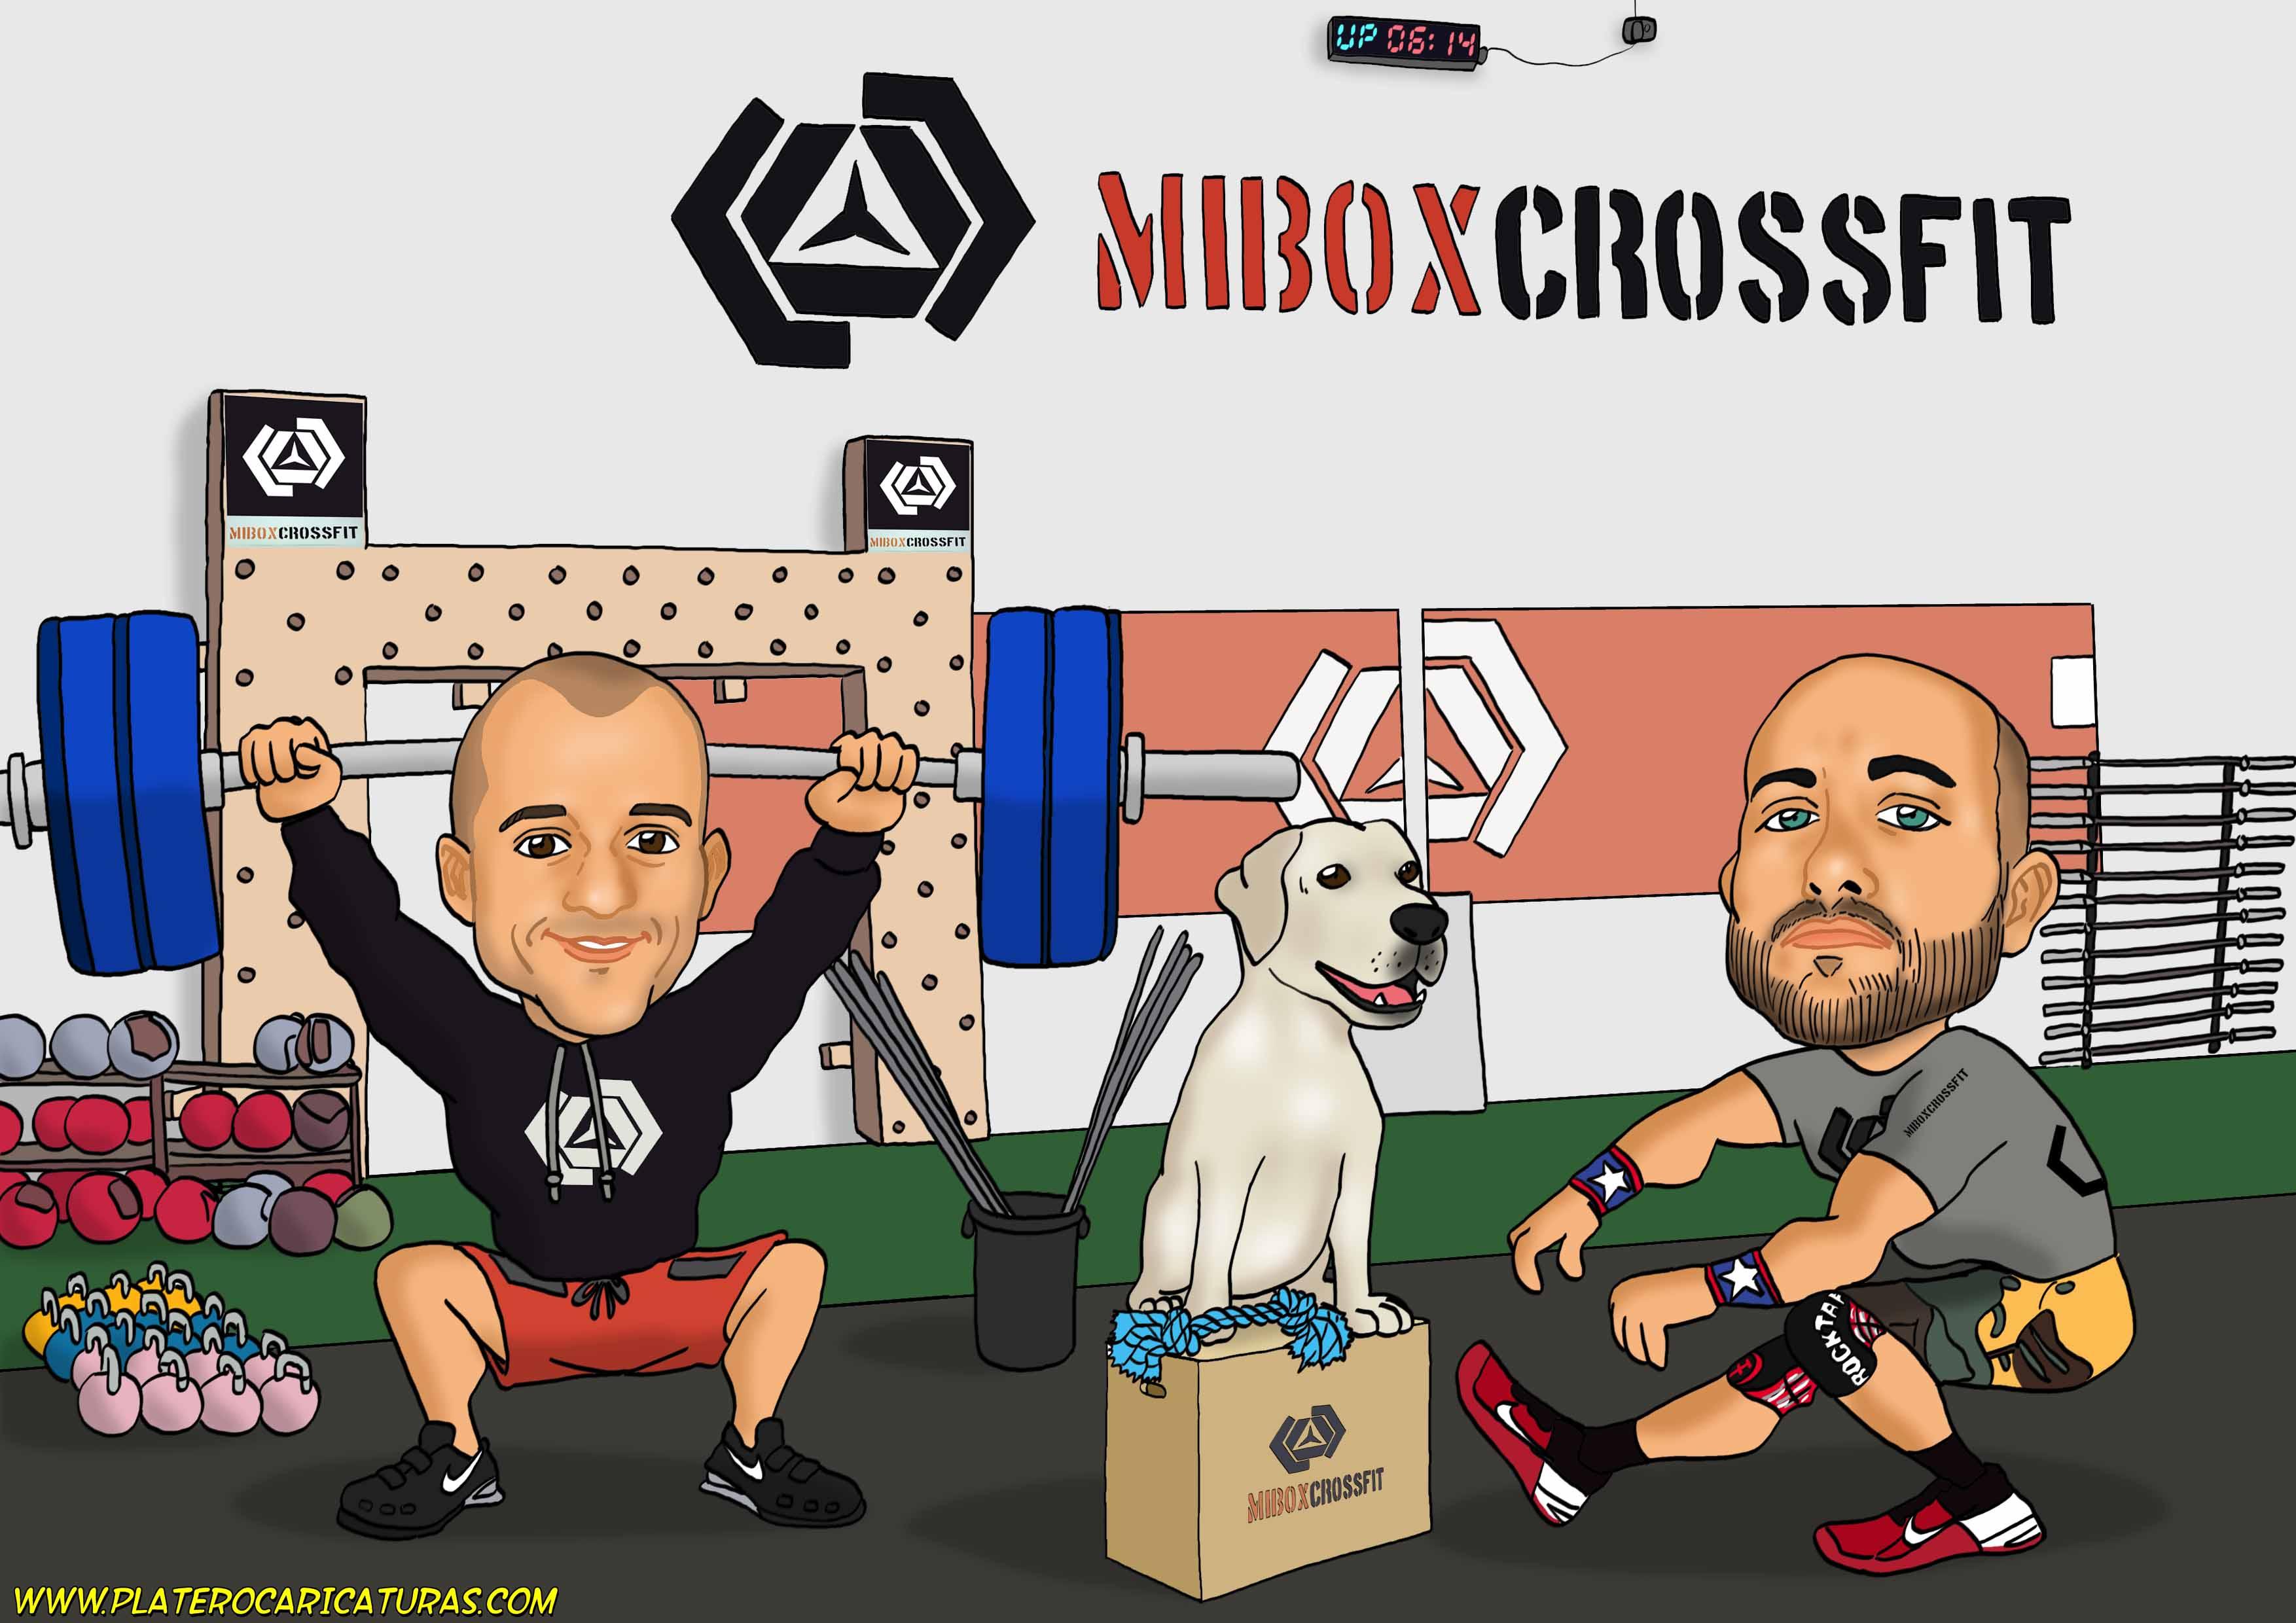 caricaturas a color por encargo_chicos gimnasio con perro_platerocaricaturas_jose luis platero